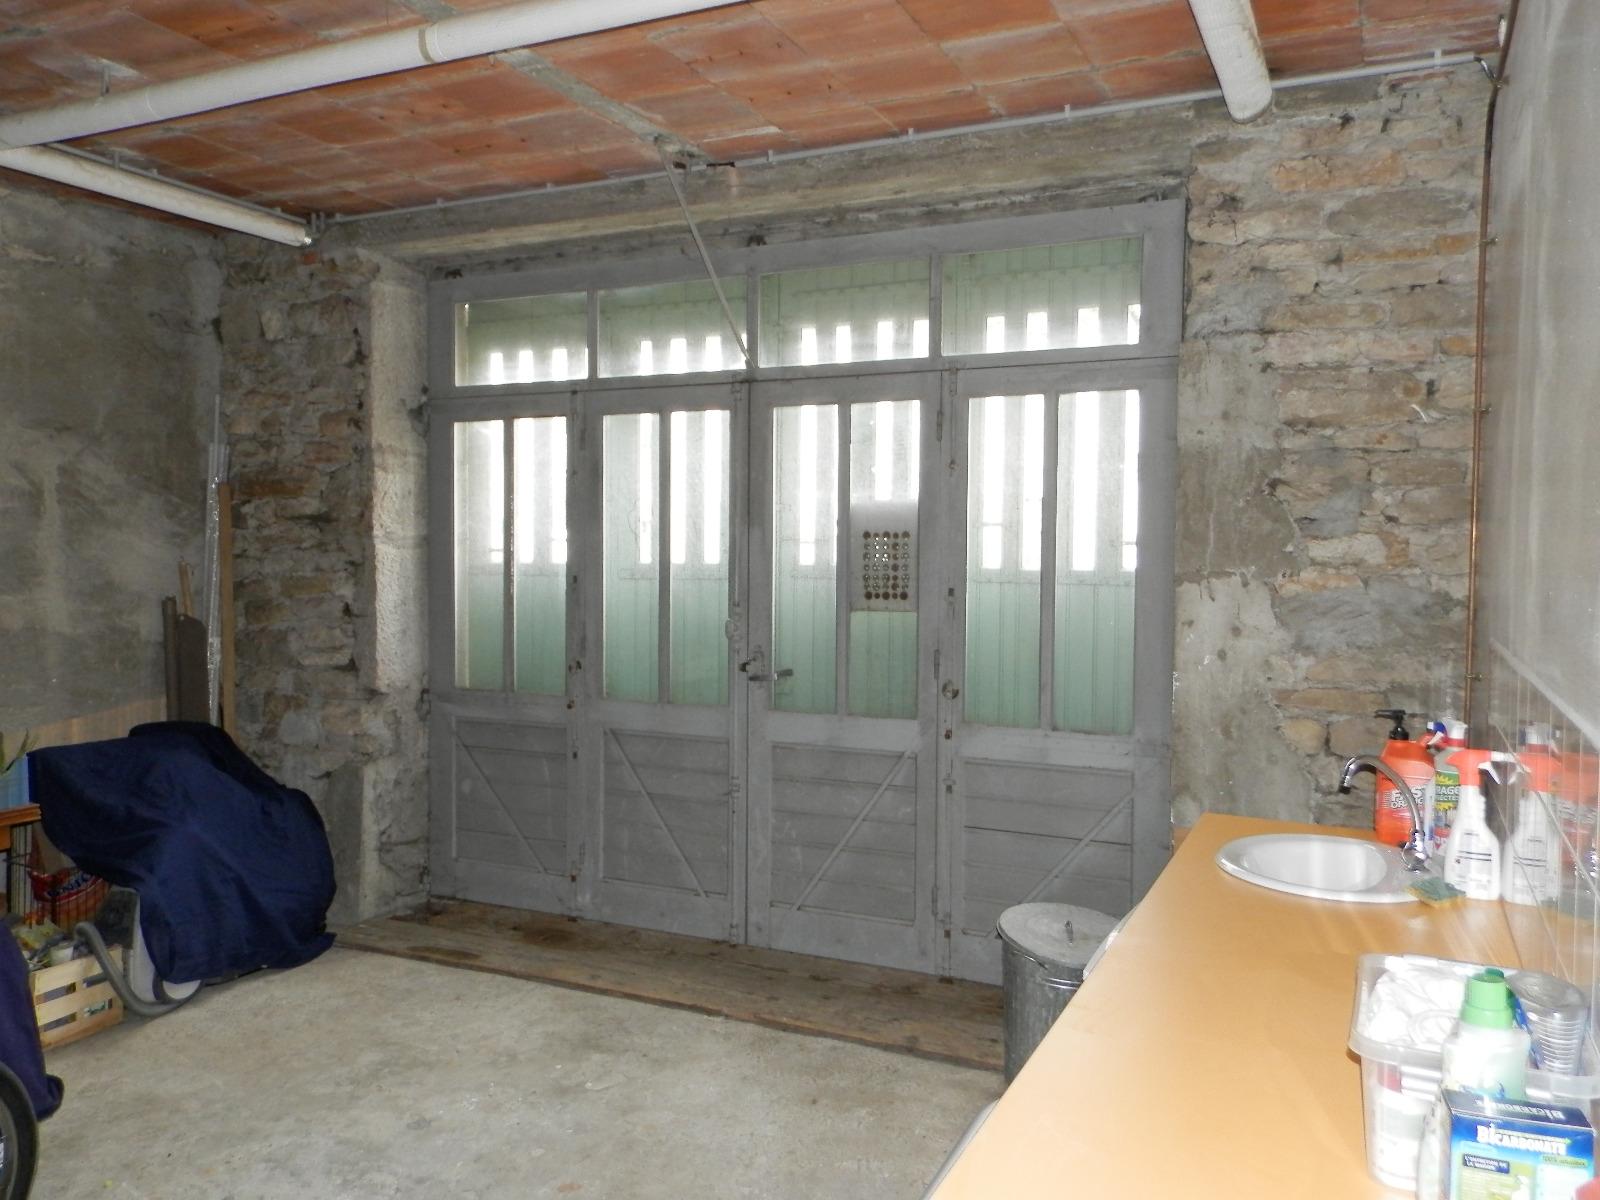 Vente orgelet 39 jura vendre maison familiale en pierre de 235 m sur terrain 657 m 3d - Frais de notaire achat garage ...